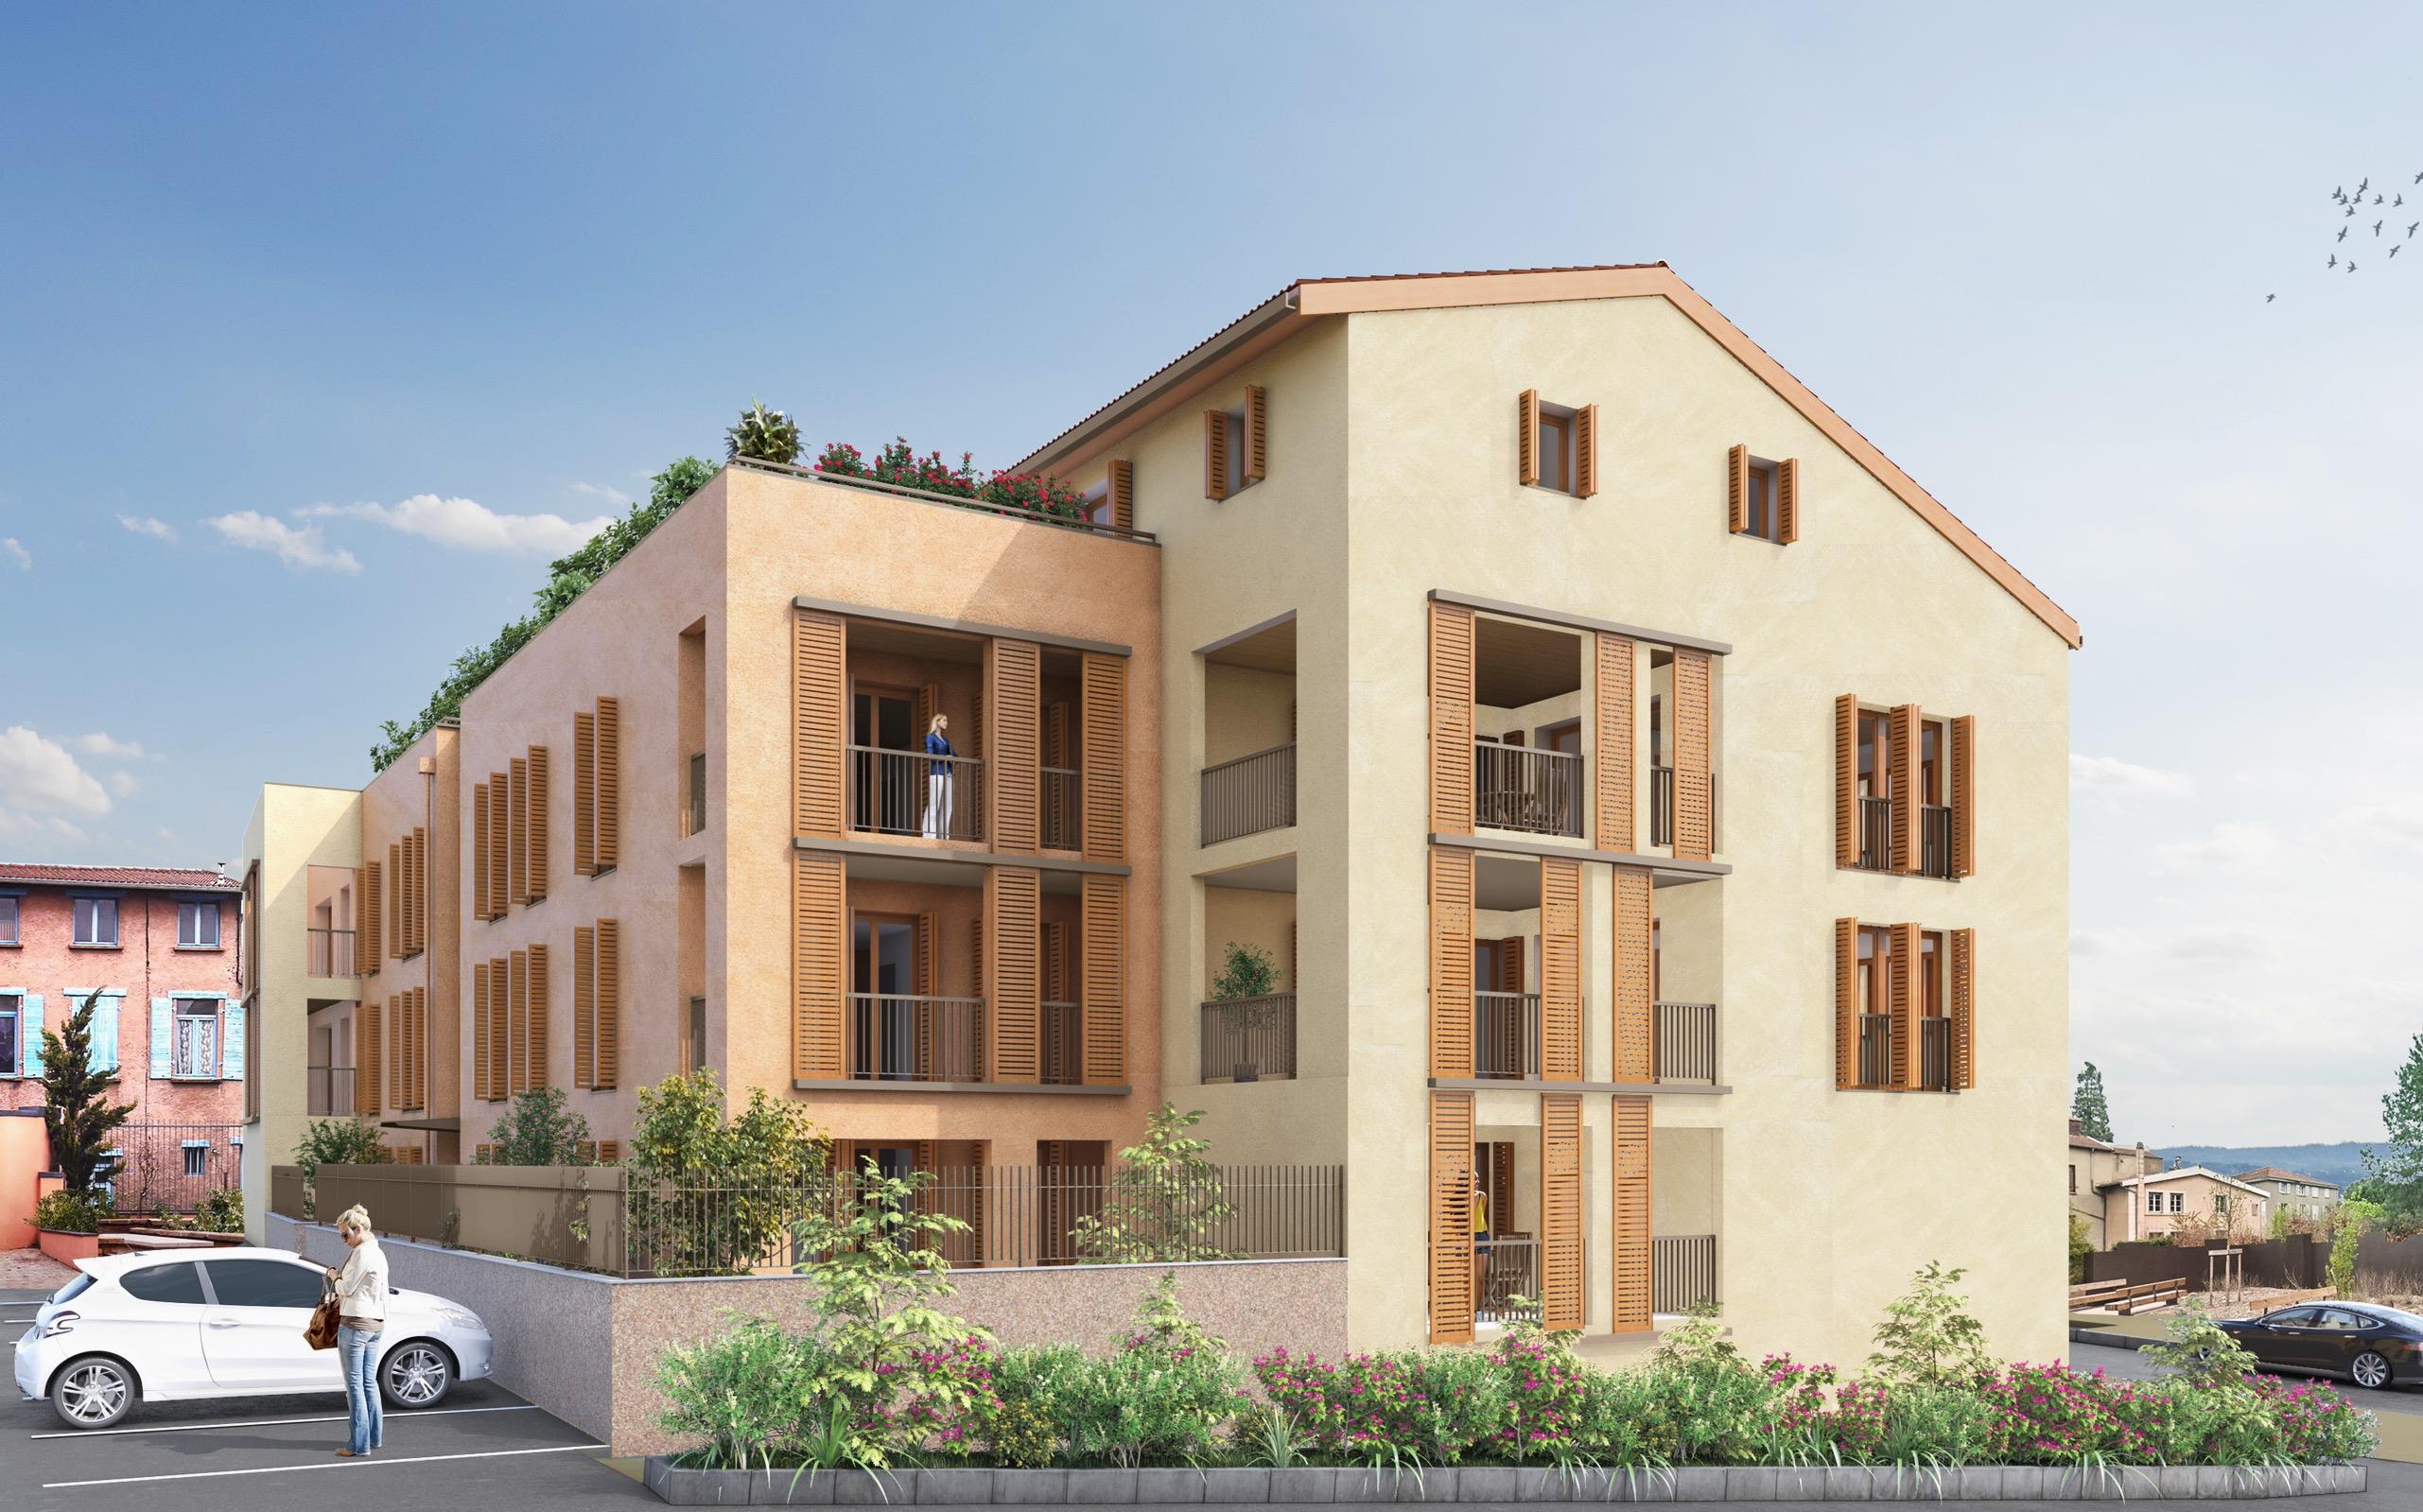 Programme immobilier AJA11 appartement à Albigny-sur-Saône (69250) En plein coeur d'Albigny-sur-Saône